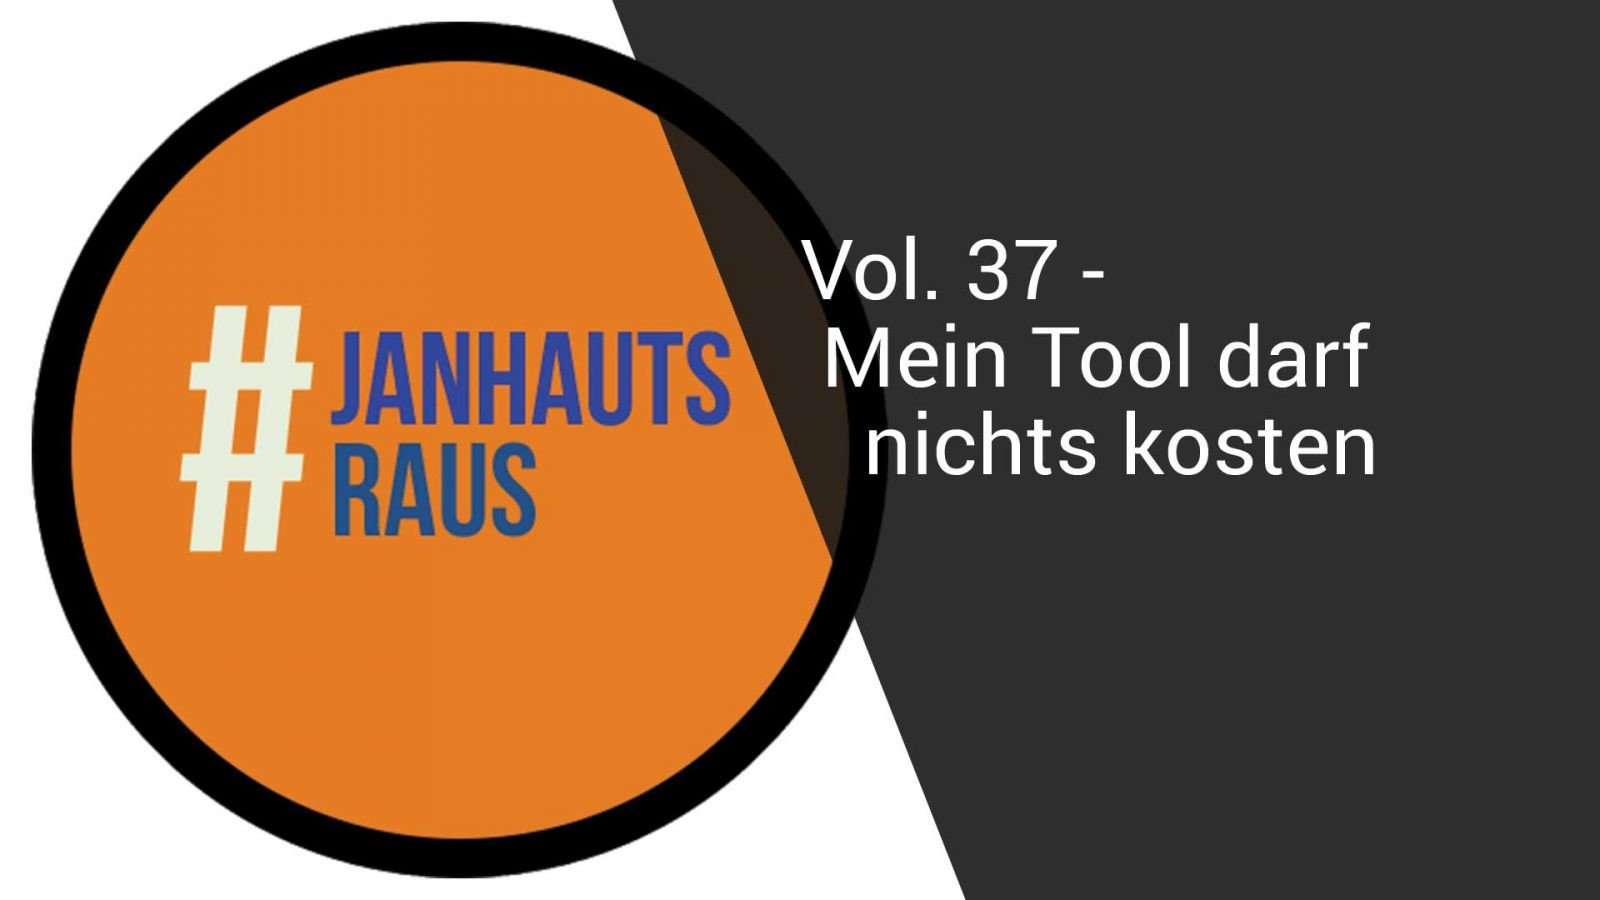 #janhautsraus - Vol. 37 - Mein Tool darf nichts kosten